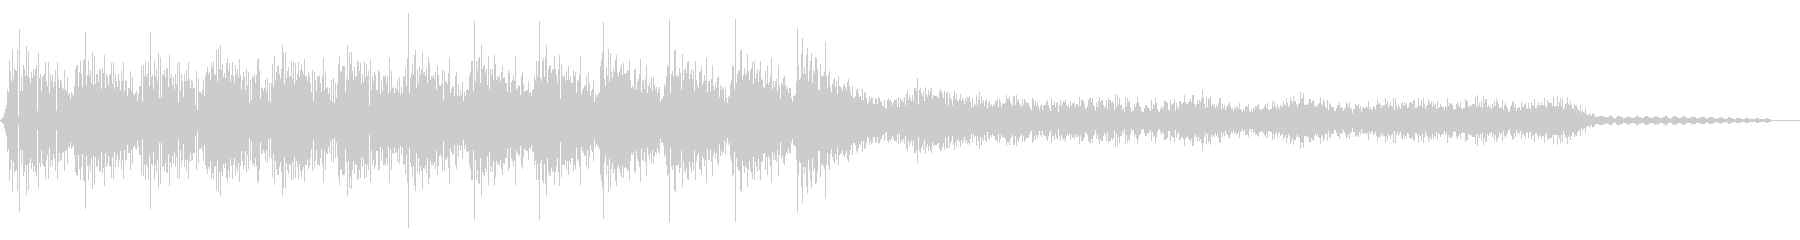 ピコピコ音のゲームクリア ステージクリアの未再生の波形